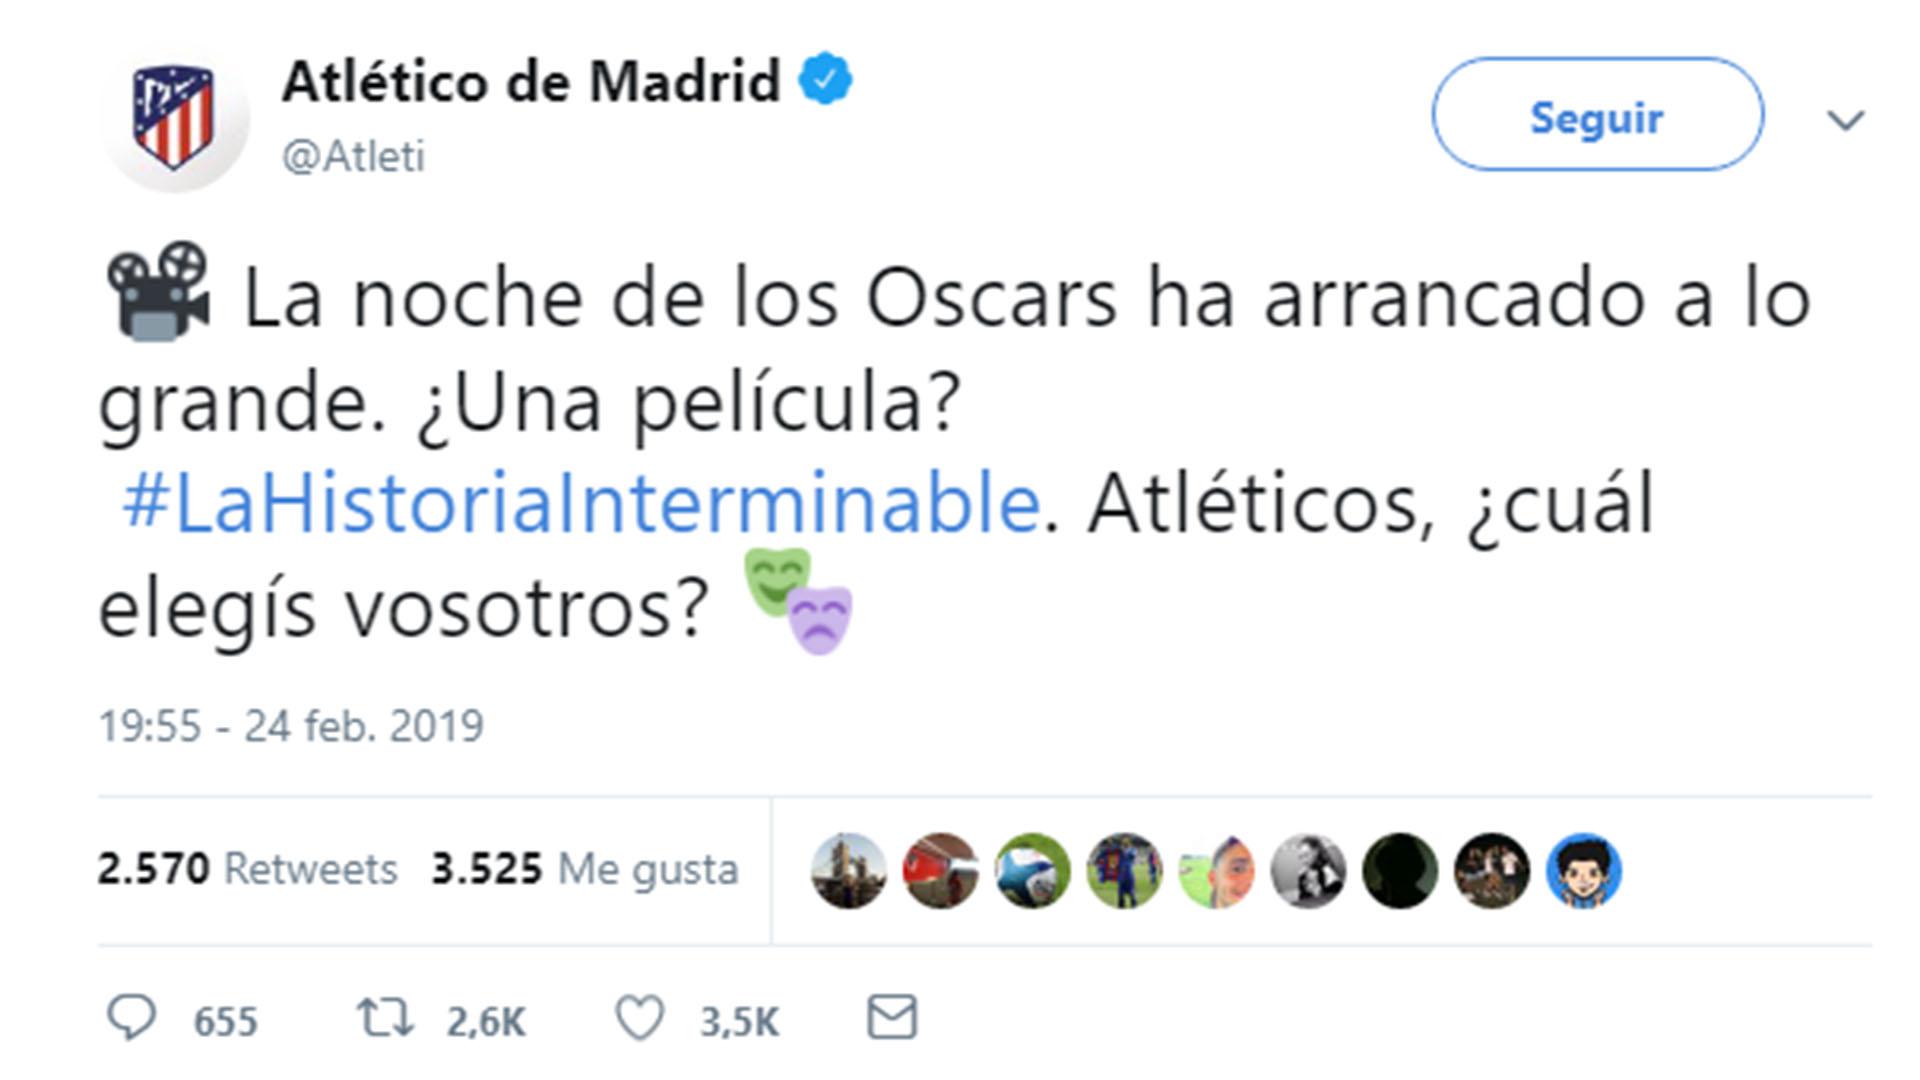 El tuit del Atlético Madrid